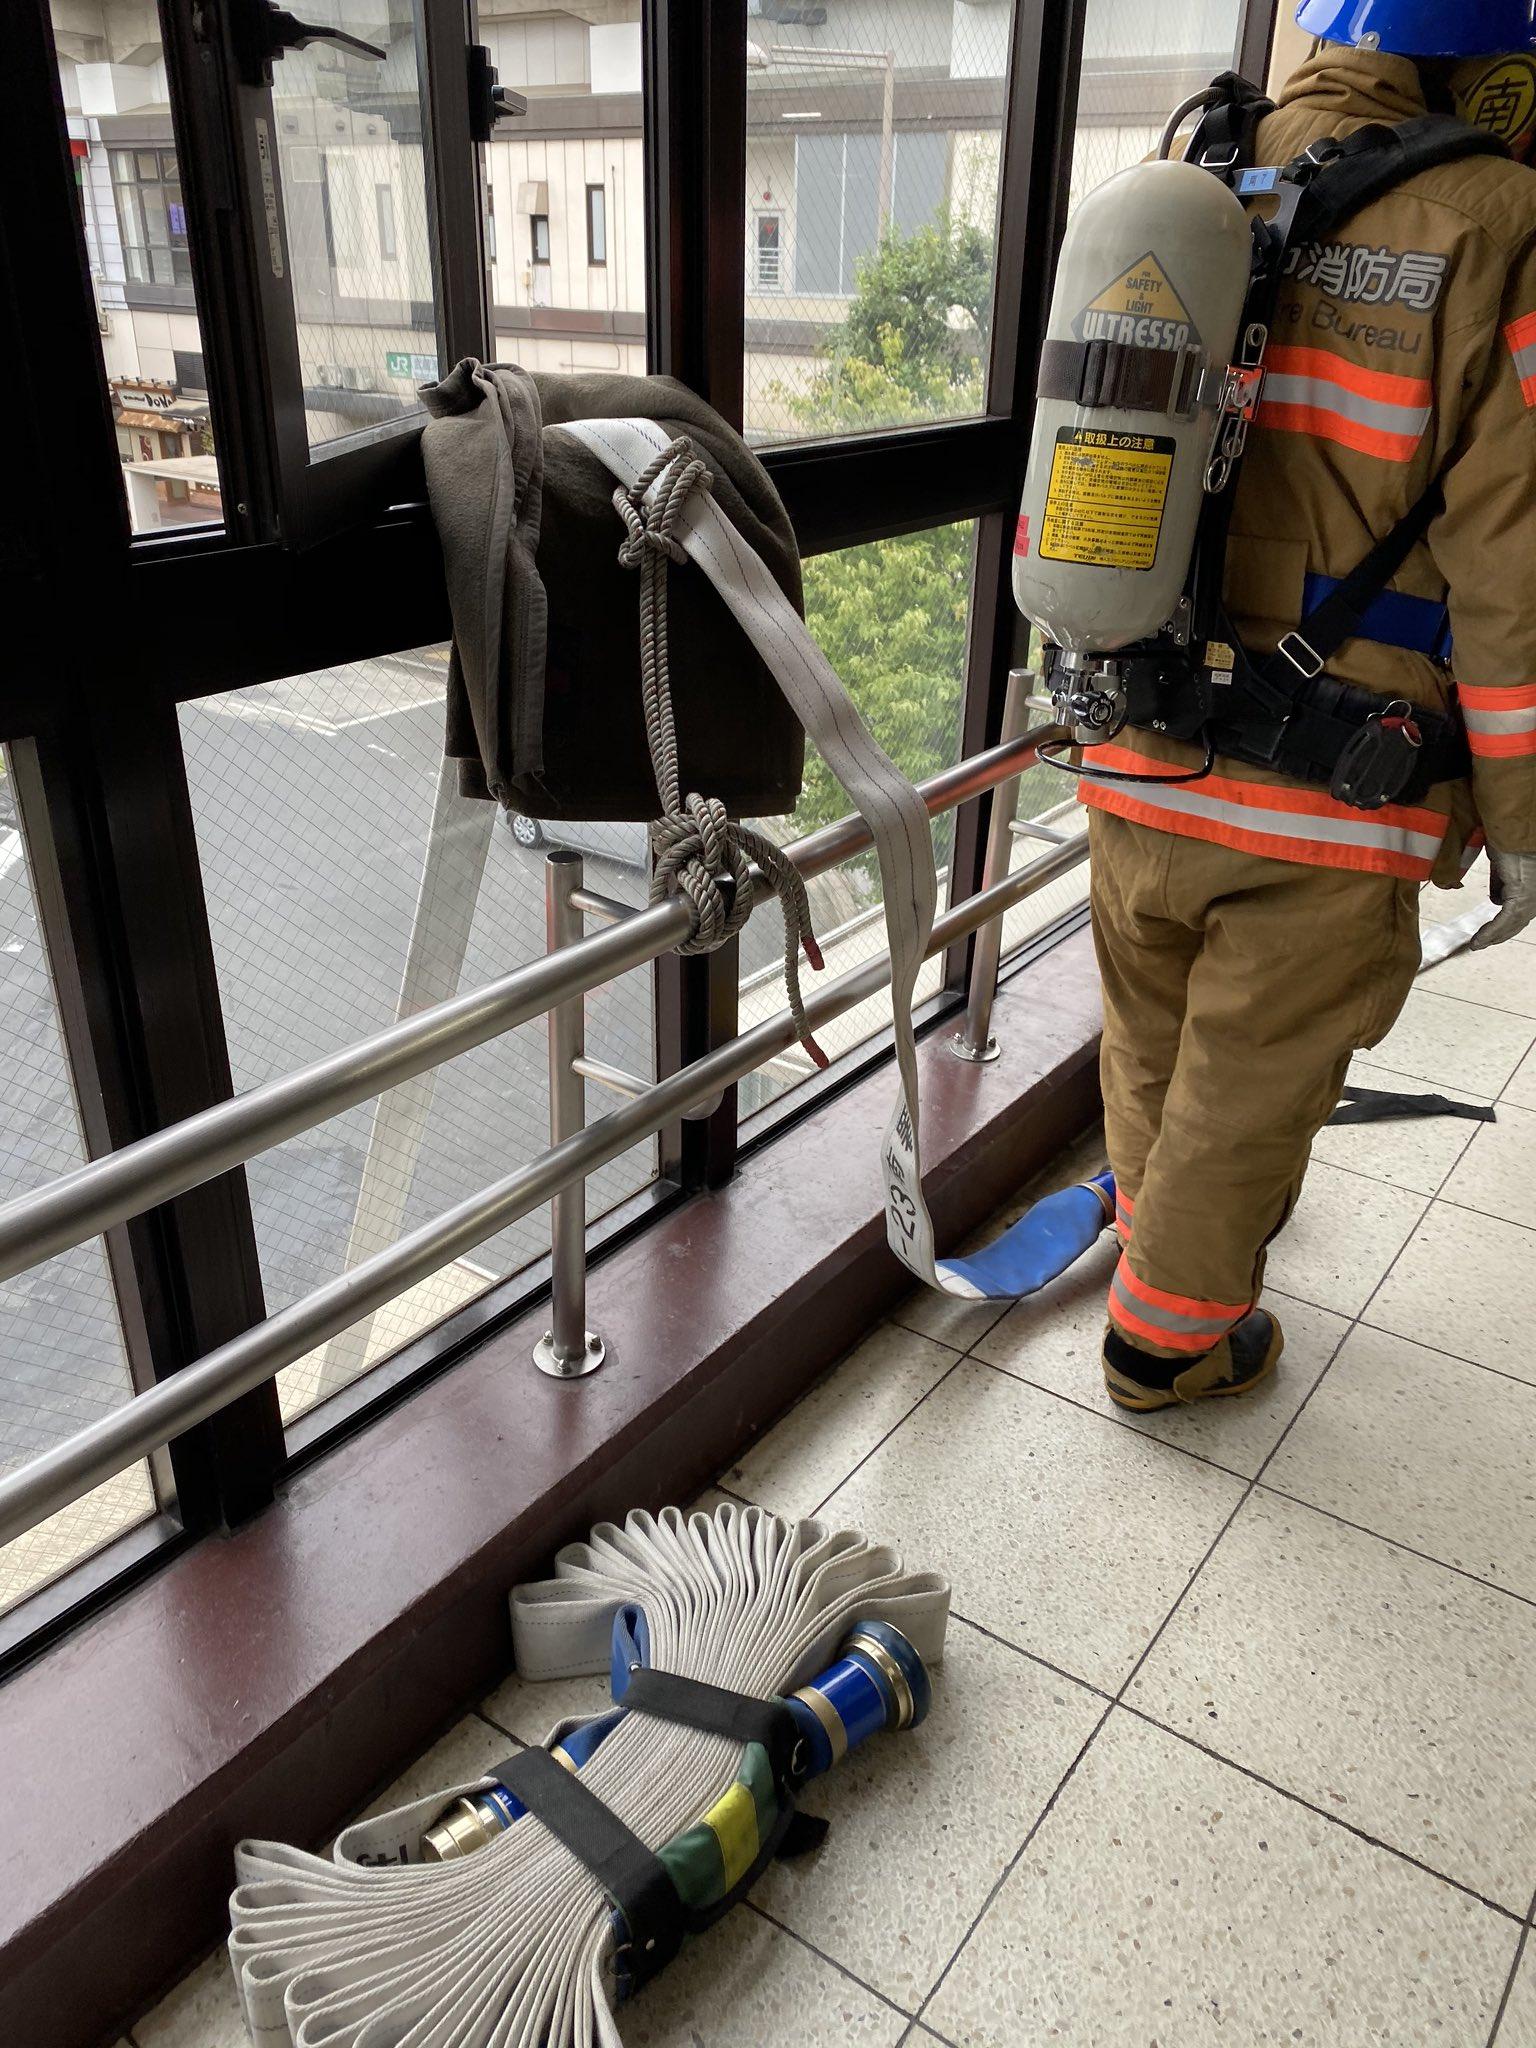 武蔵浦和駅の成城石井ビーンズに消防隊が集まっている現場画像